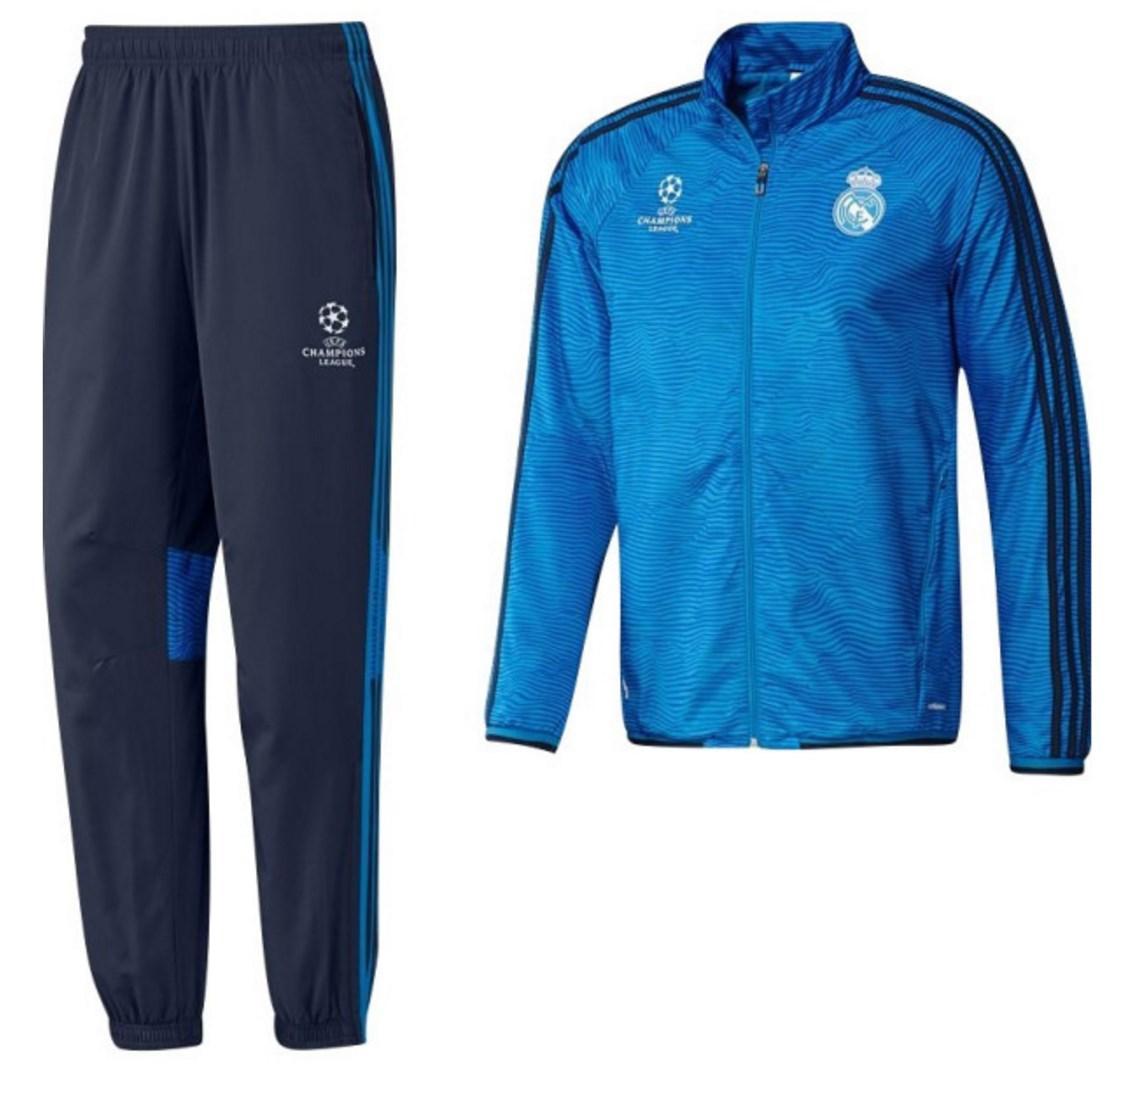 Survêtement football Adidas Real madrid